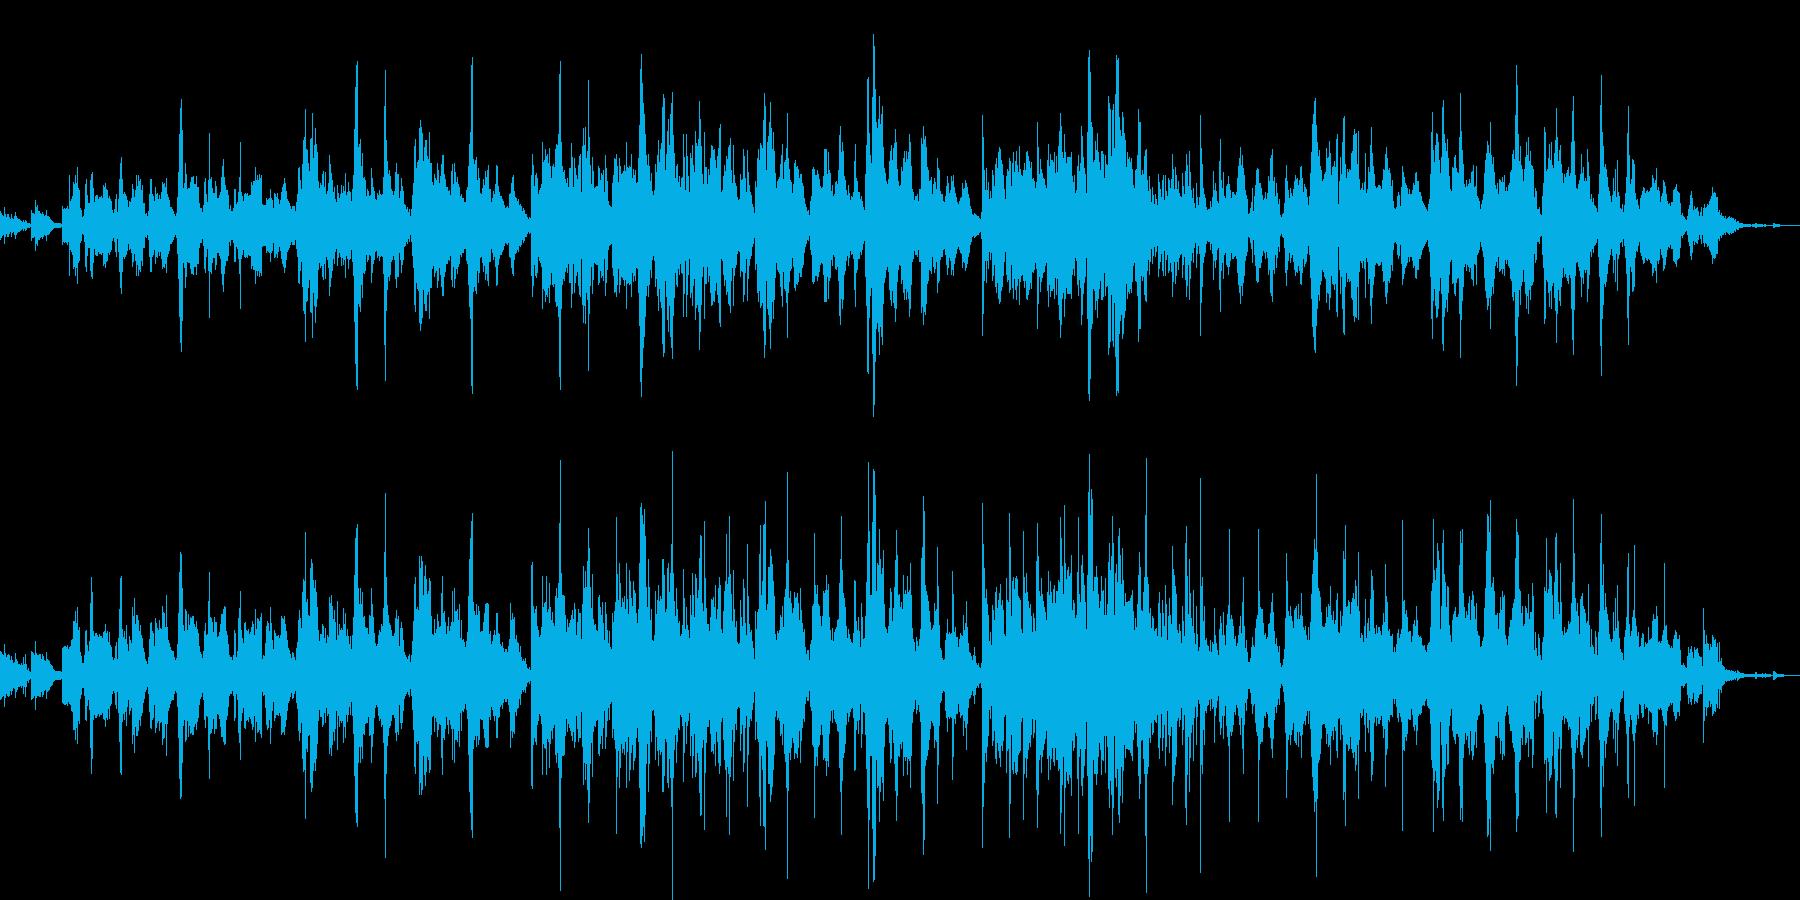 二胡の生演奏による神秘的でゆったりした曲の再生済みの波形